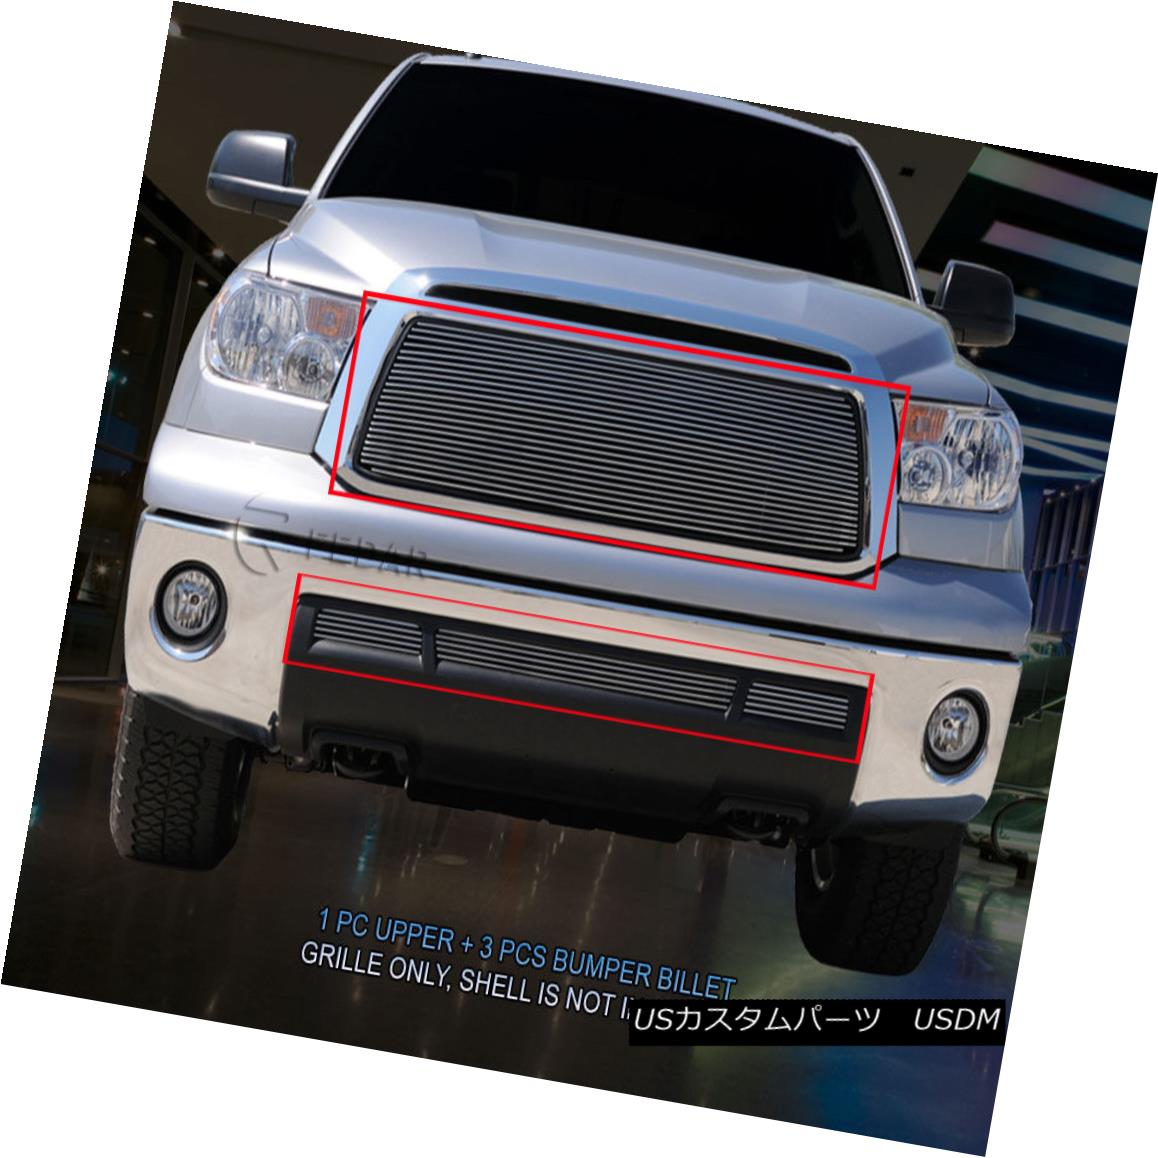 グリル Fedar Fits 2010-2013 Toyota Tundra Polished Billet Grille Combo Fedarは2010-2013トヨタトンドラポリッシュビレットグリルコンボフィット